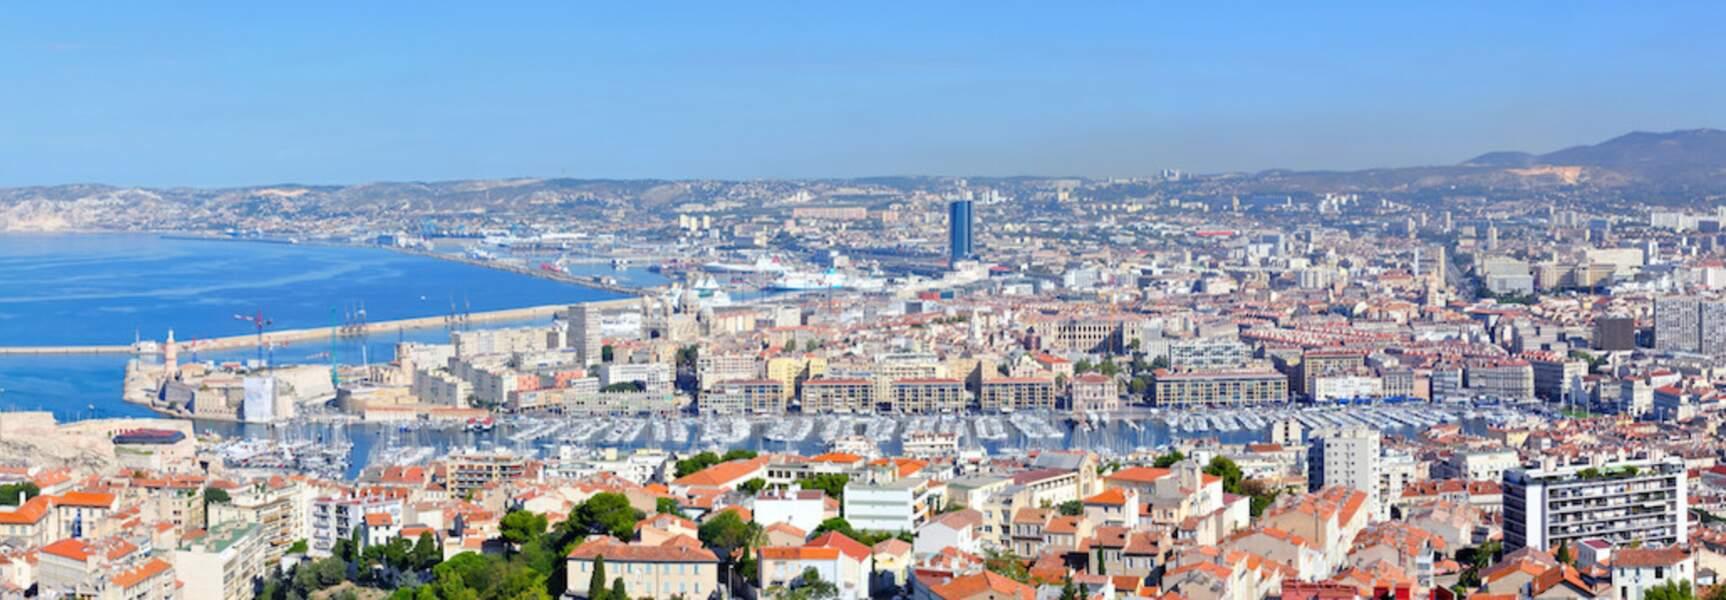 1. Marseille